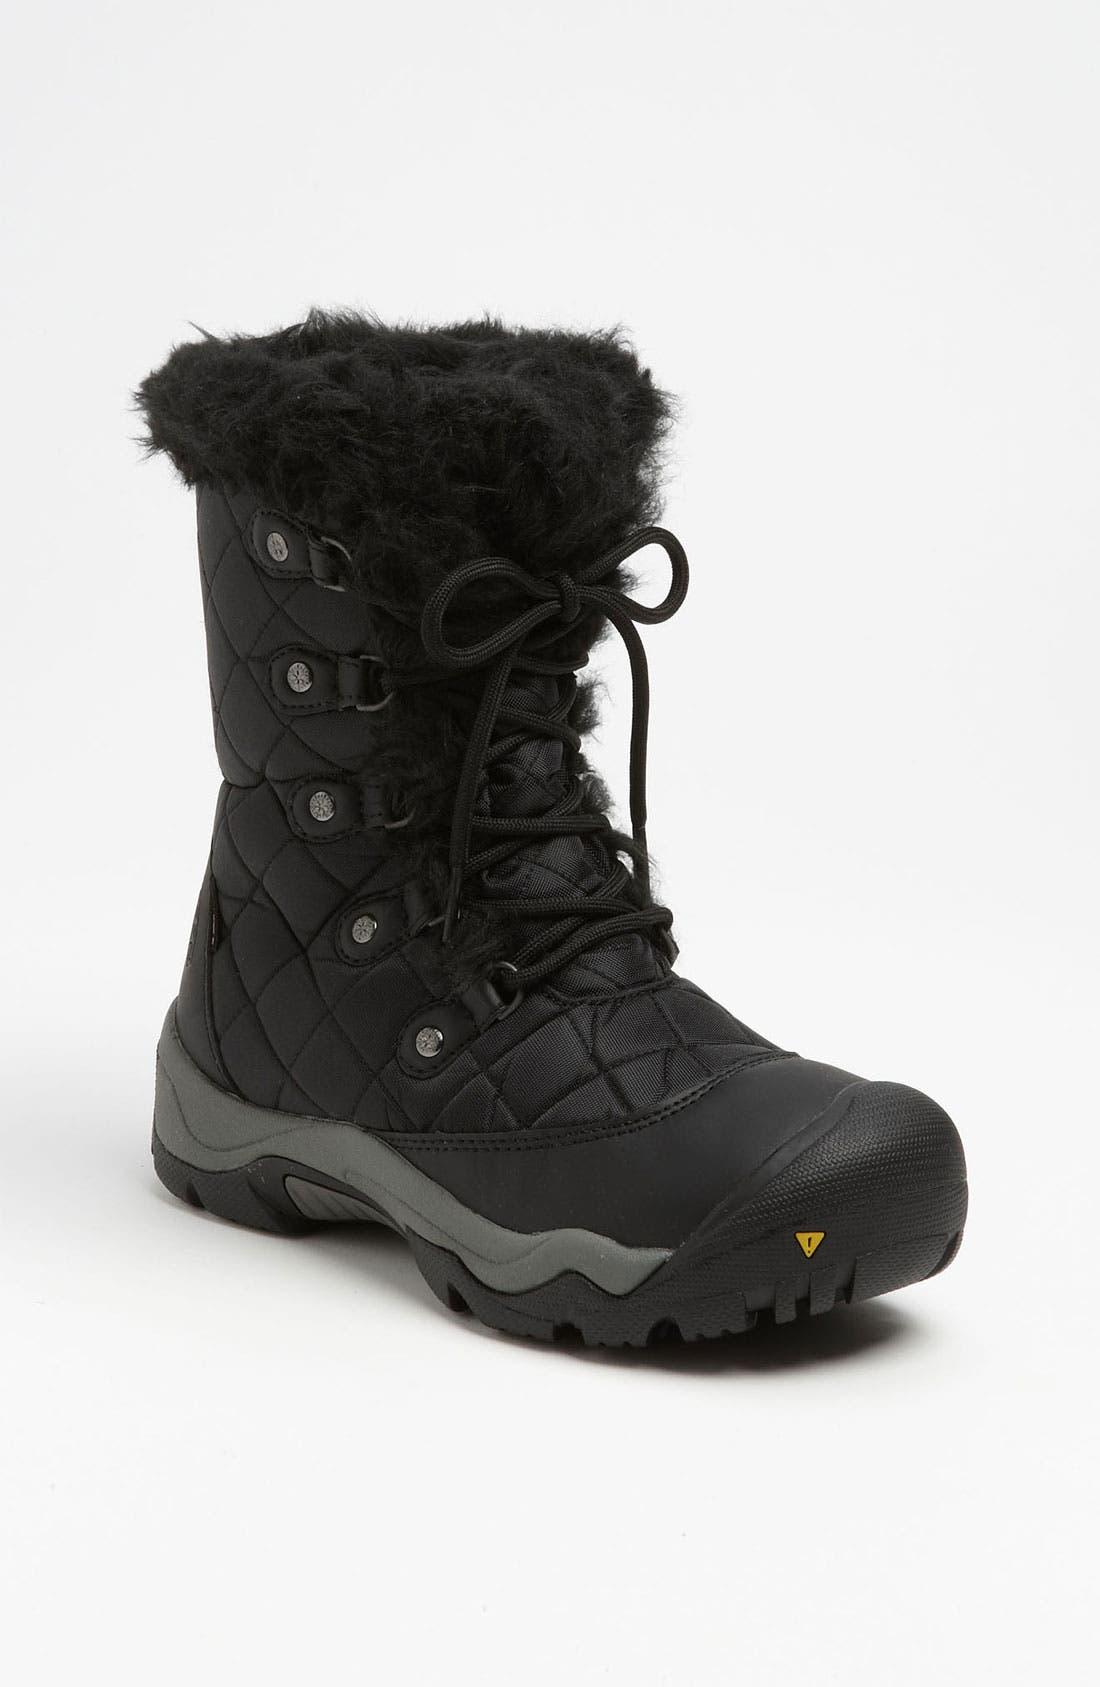 Main Image - Keen 'Sunriver High' Boot